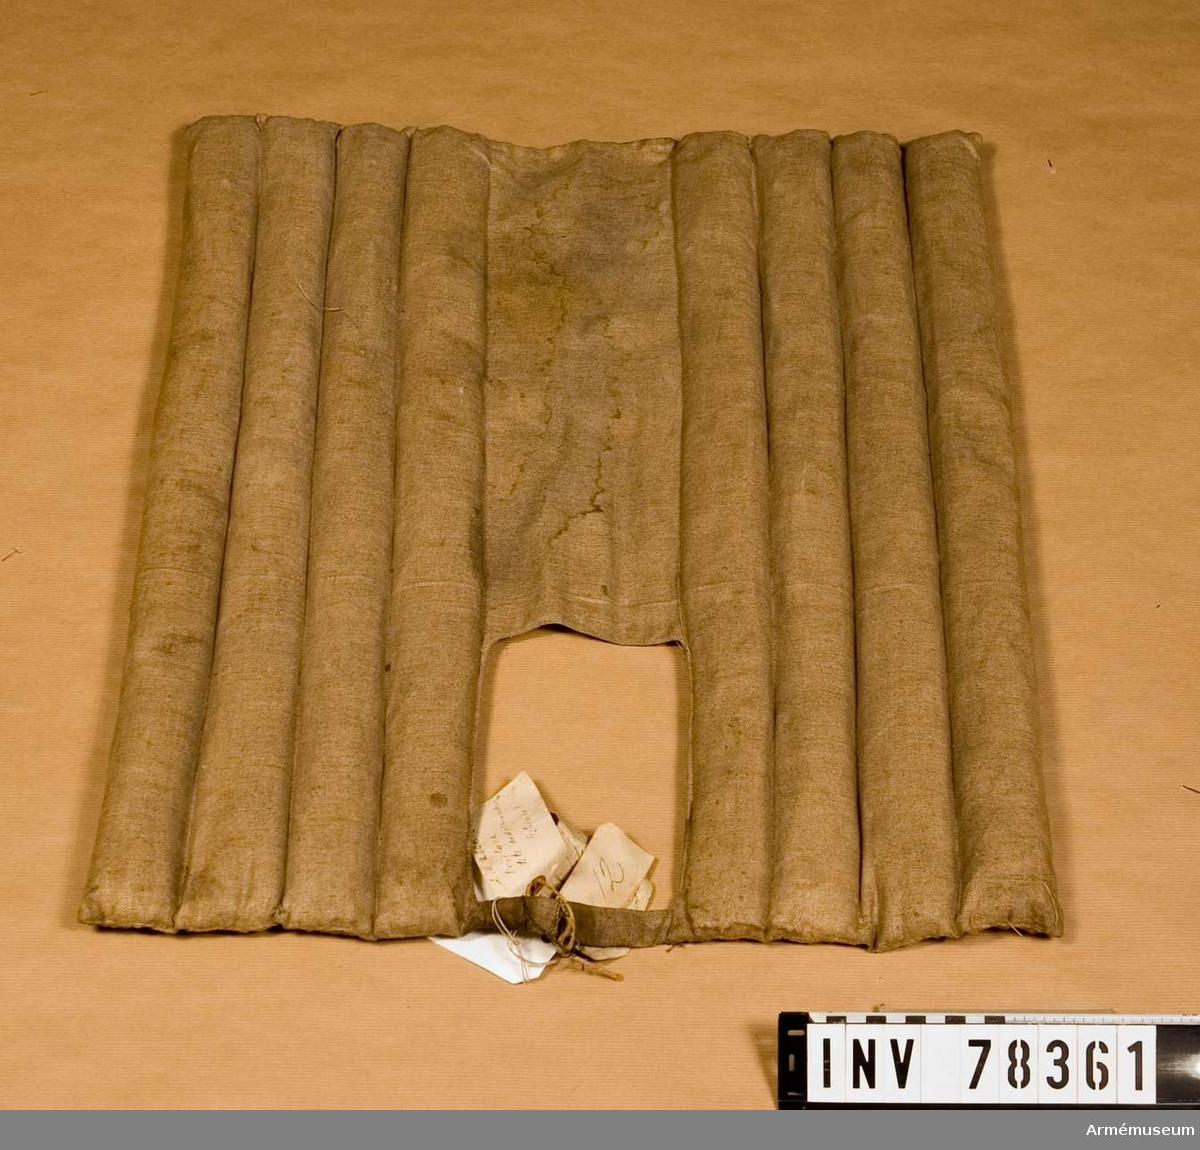 """Grupp: K I.  Tillverkad år: 1891. Plats: Paris. Betslet utgöres av stångbett och bridongbett med tyglar. Stångbetslet består av: huvudlag, stångbett och stångtyglar. Huvudlaget består av: a/ nackstycke, med 30 mm bredd i mitten och en knapp av mässing. Försedd med följande stämplar: """"Société Générale  de manufactures Militaires Paris"""" och """"Commission 17 11 91 Paris"""" b/ sidstycken, 22 mm breda, varje med två söljor av mässing 45 x 35 mm. , en halvrund ring av mässing och stämpel: """"Commission 12 12 91 Paris"""". c/ pannrem, 25 mm bred, rörlig, med två avlånga 35 x 25 mm:s bucklor av mässing och stämpel: """"Commission 16 11 91 Paris"""". Stångbettet består av: a/ mellanstycke, 20 mm i diam, med 12,5 cm bredd mellan sidstängerna. b/ sidstänger, 18,5 cm långa, med ovala öglor mellan mellanstycke och tygelringar. c/ vridbara tygelringar, 35 mm i diam. samt e/ lös kindkedja. Stångtyglarna äro 2,5 cm långa och 22 mm breda med söljor av mässing 45 x 35 mm. och stämplar: """"Commission 17 11 91 Paris"""". Hopspända i tygelringarna och hopsydda med varandra. Bridongbettet består av: a/ tredelat bett med 15,5 cm bredd mellan tygelringarna. b/ tygelringar, 45 mm i diam. c/ kedjor, 6,5 cm långa samt d/ försticklar, 7,5 cm långa. Bridongtyglarna äro lika med stångtyglarna och med stämplar: """"Commission 18 11 91 Paris""""."""